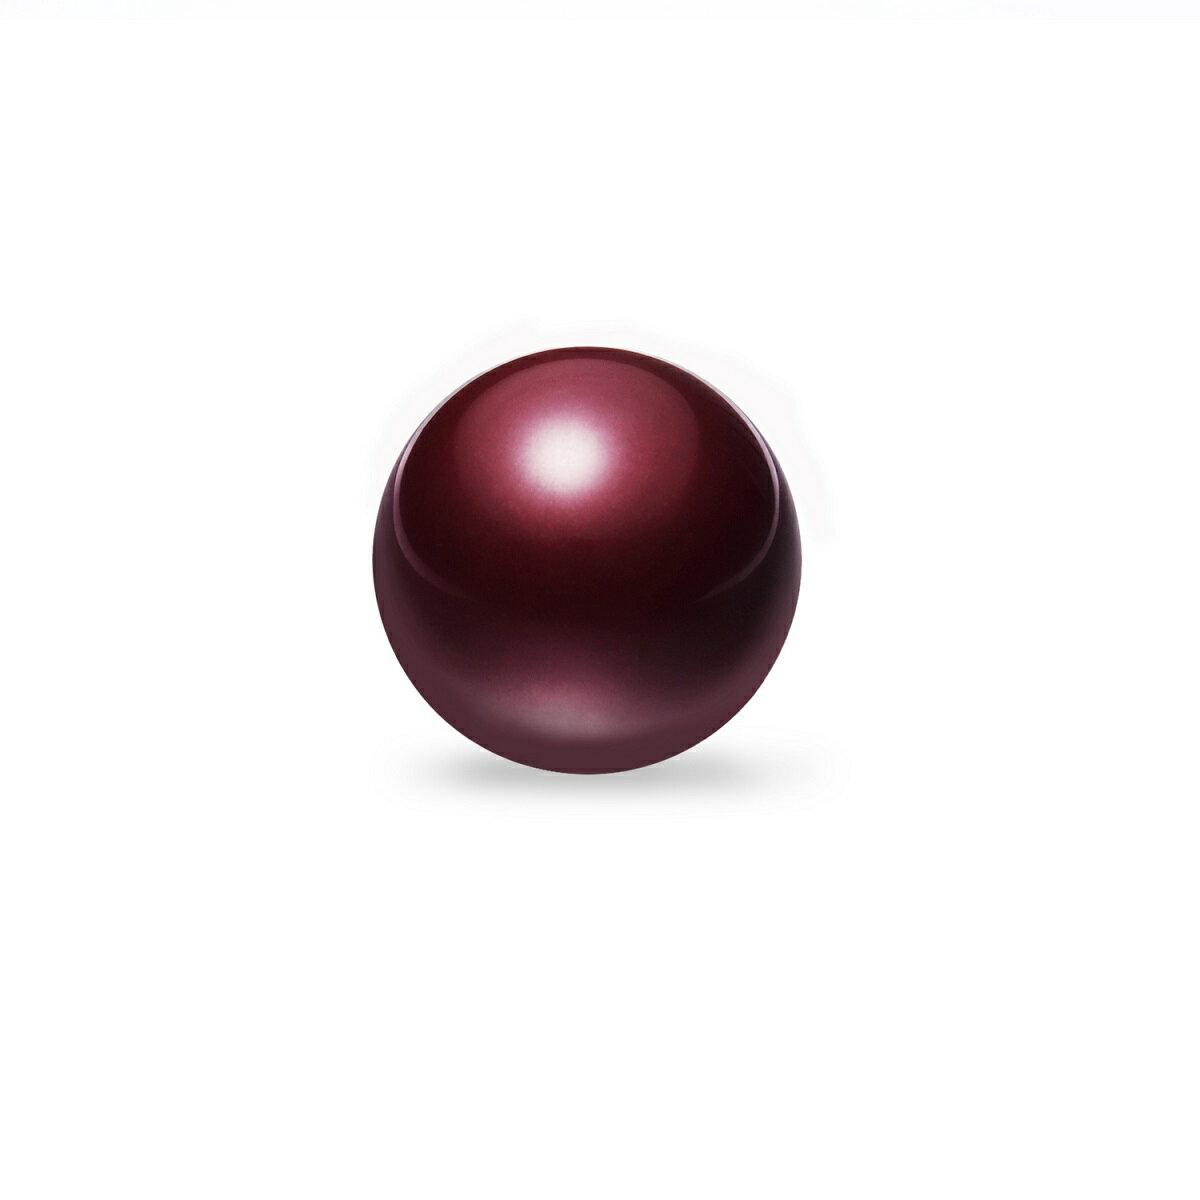 5021_18020 ぺリックス PERIPRO-303MR 34mm トラックボール マット仕上げ 艶消し加工 赤 マット・レッド コントロール型 M570トラックボールと互換性有【正規保証品】Perixx